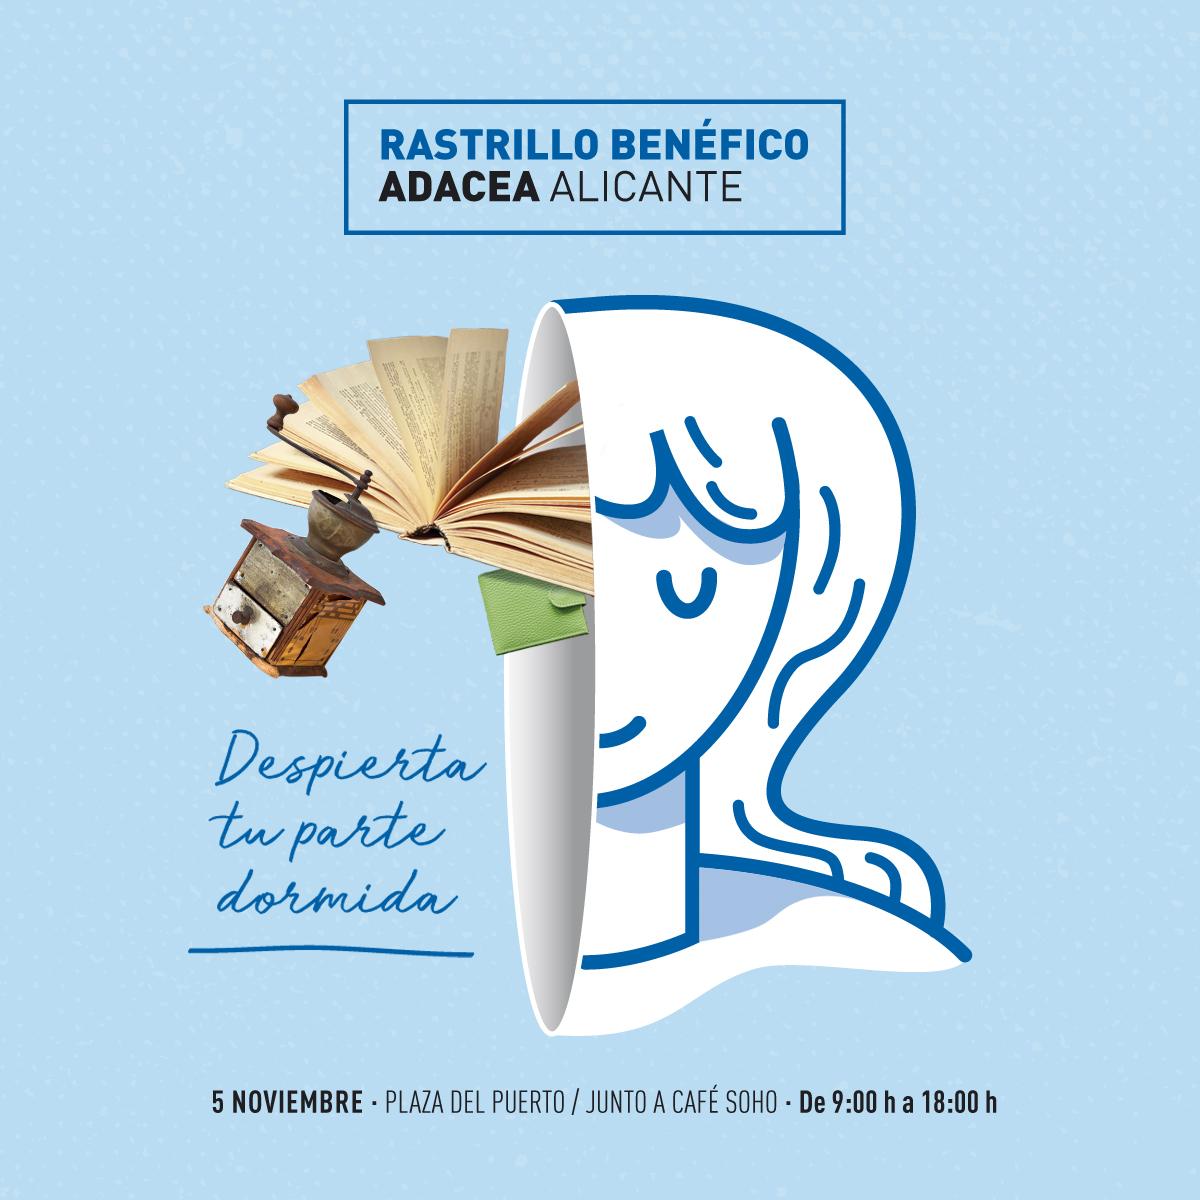 Rastrillo Solidario de ADACEA Alicante